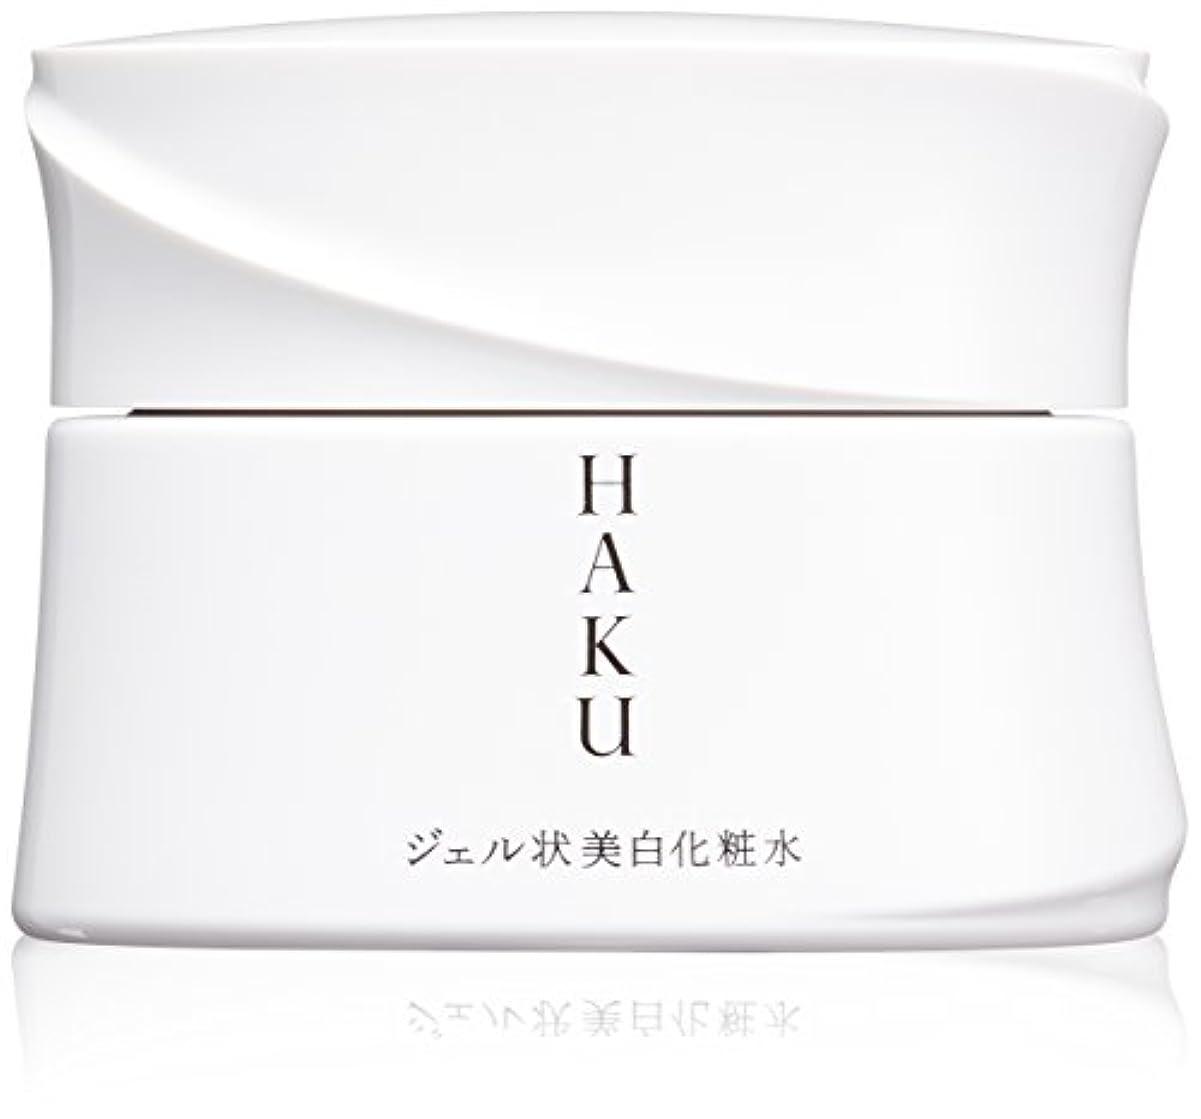 成り立つ悪魔別のHAKU メラノディープモイスチャー 美白化粧水 100g 【医薬部外品】